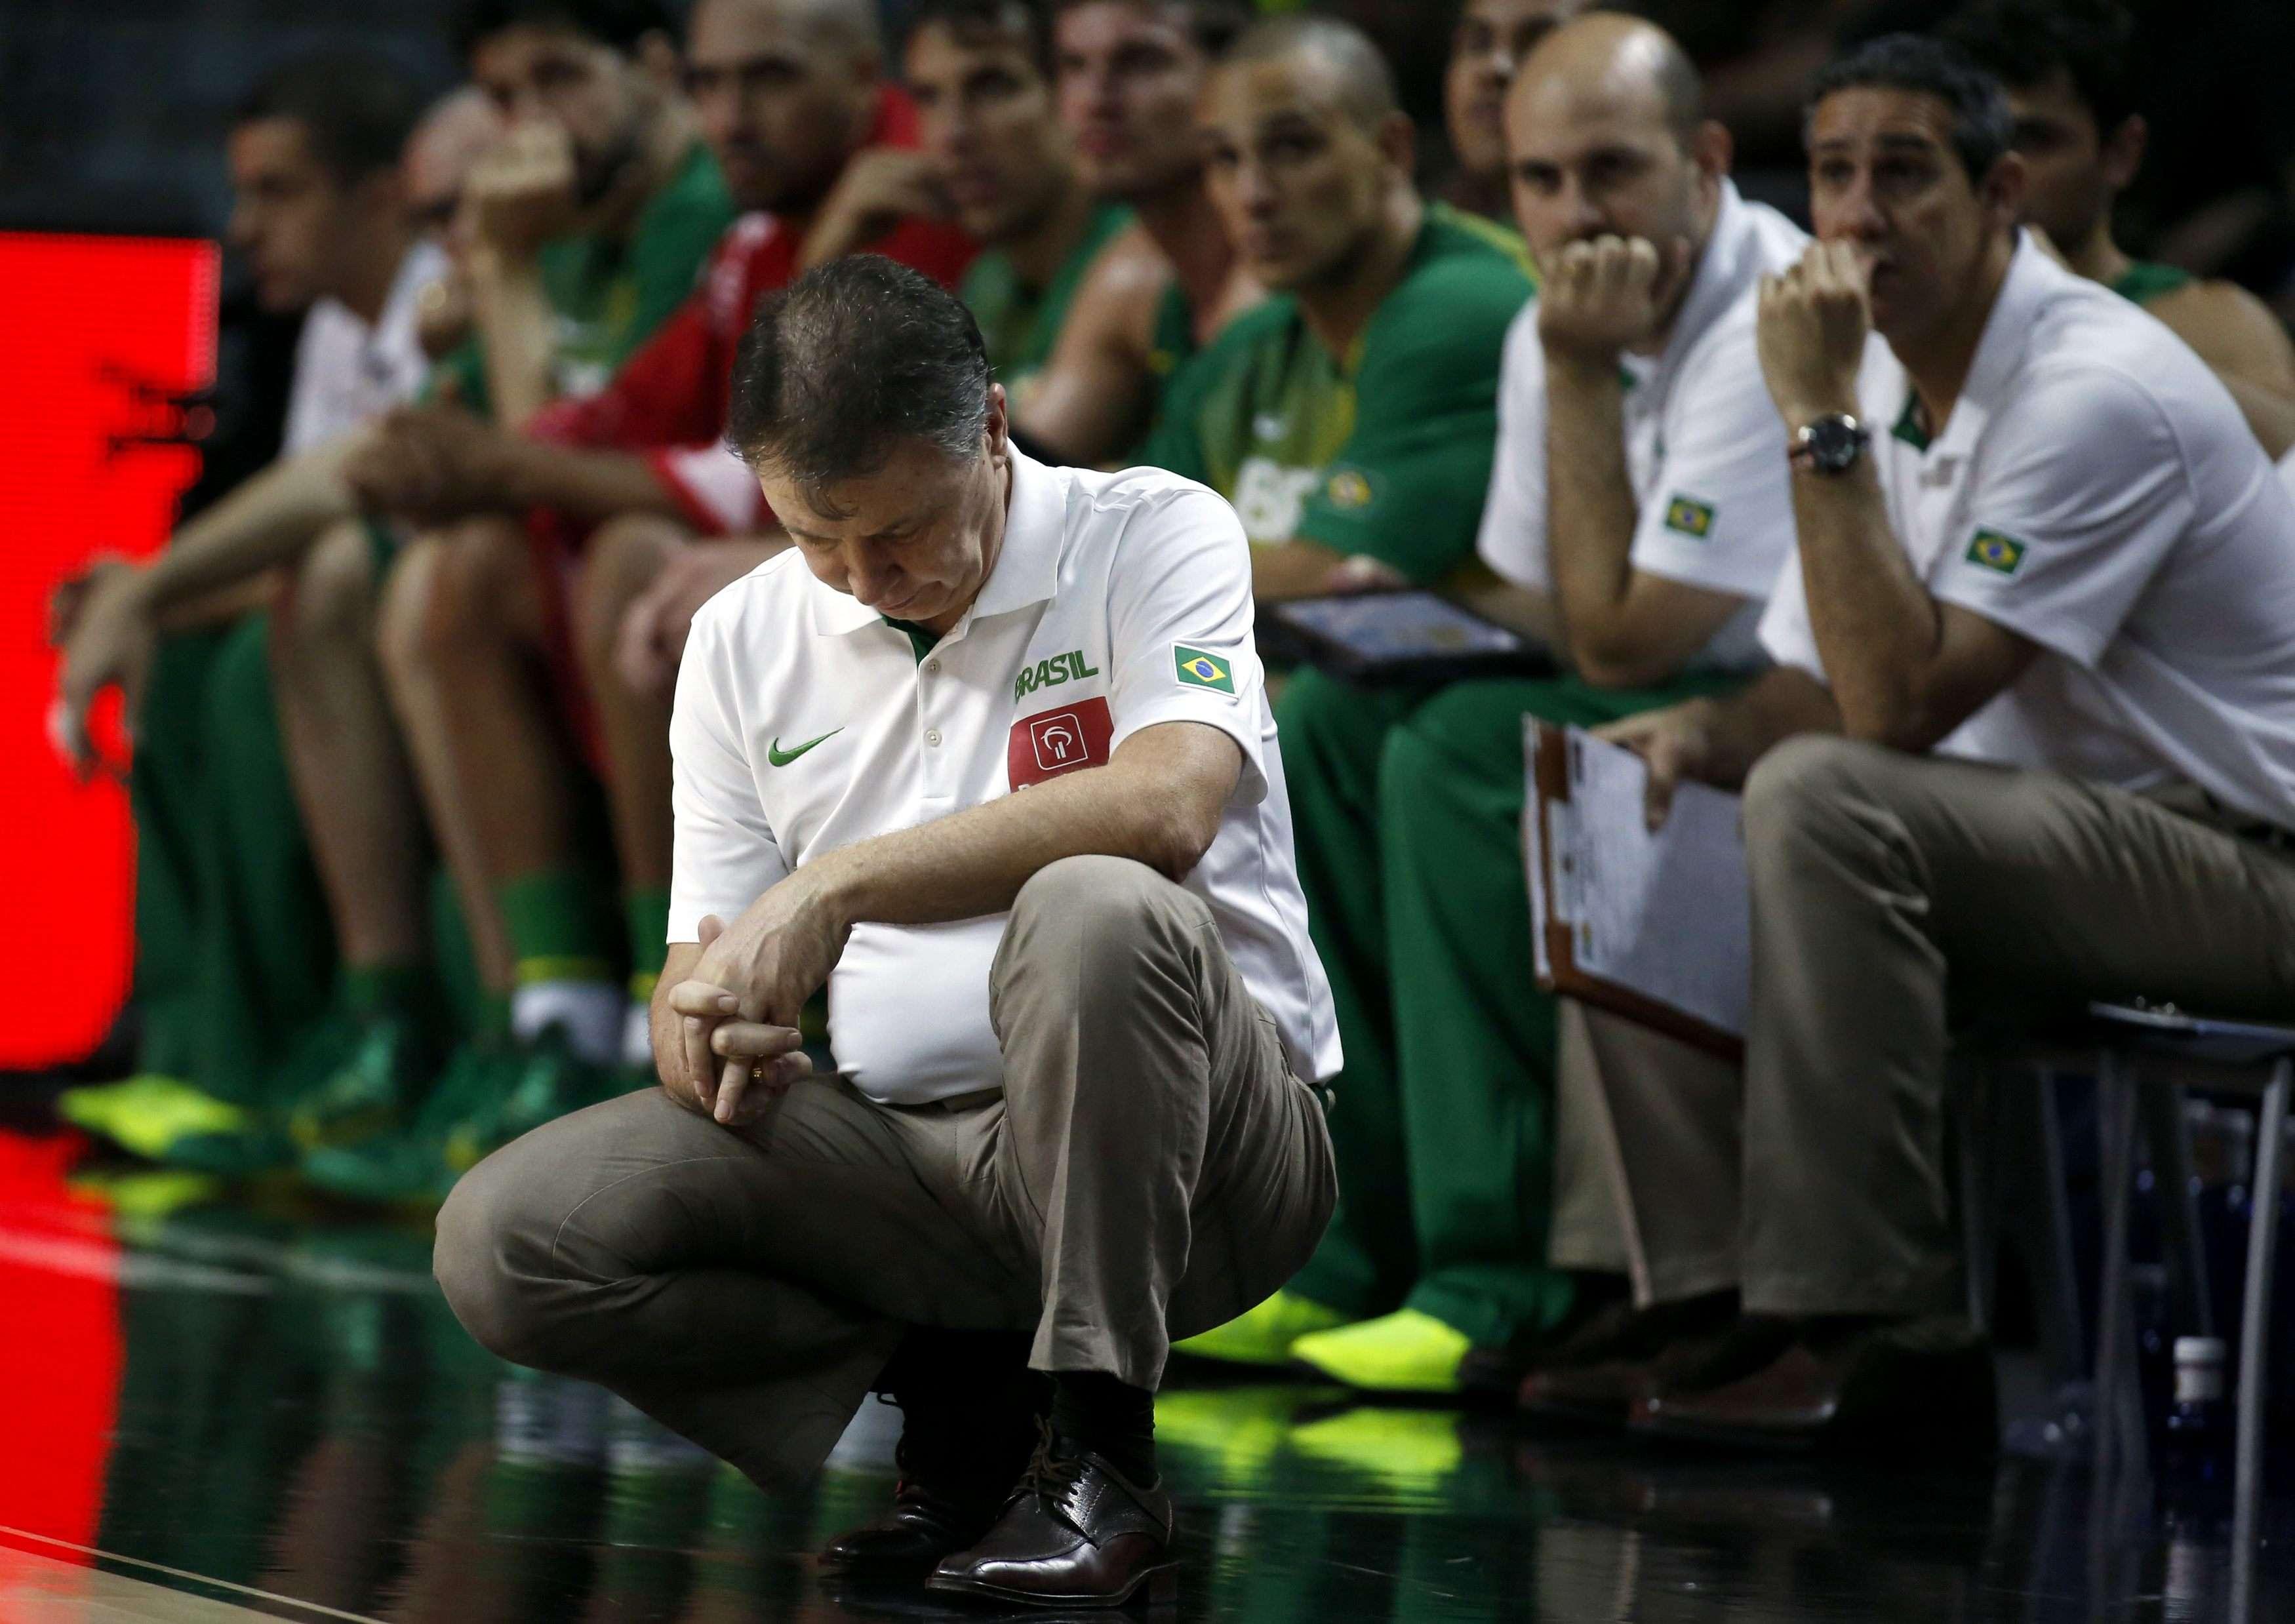 Magnano lamenta queda do Brasil nas quartas por larga diferença Foto: Sergio Perez/Reuters